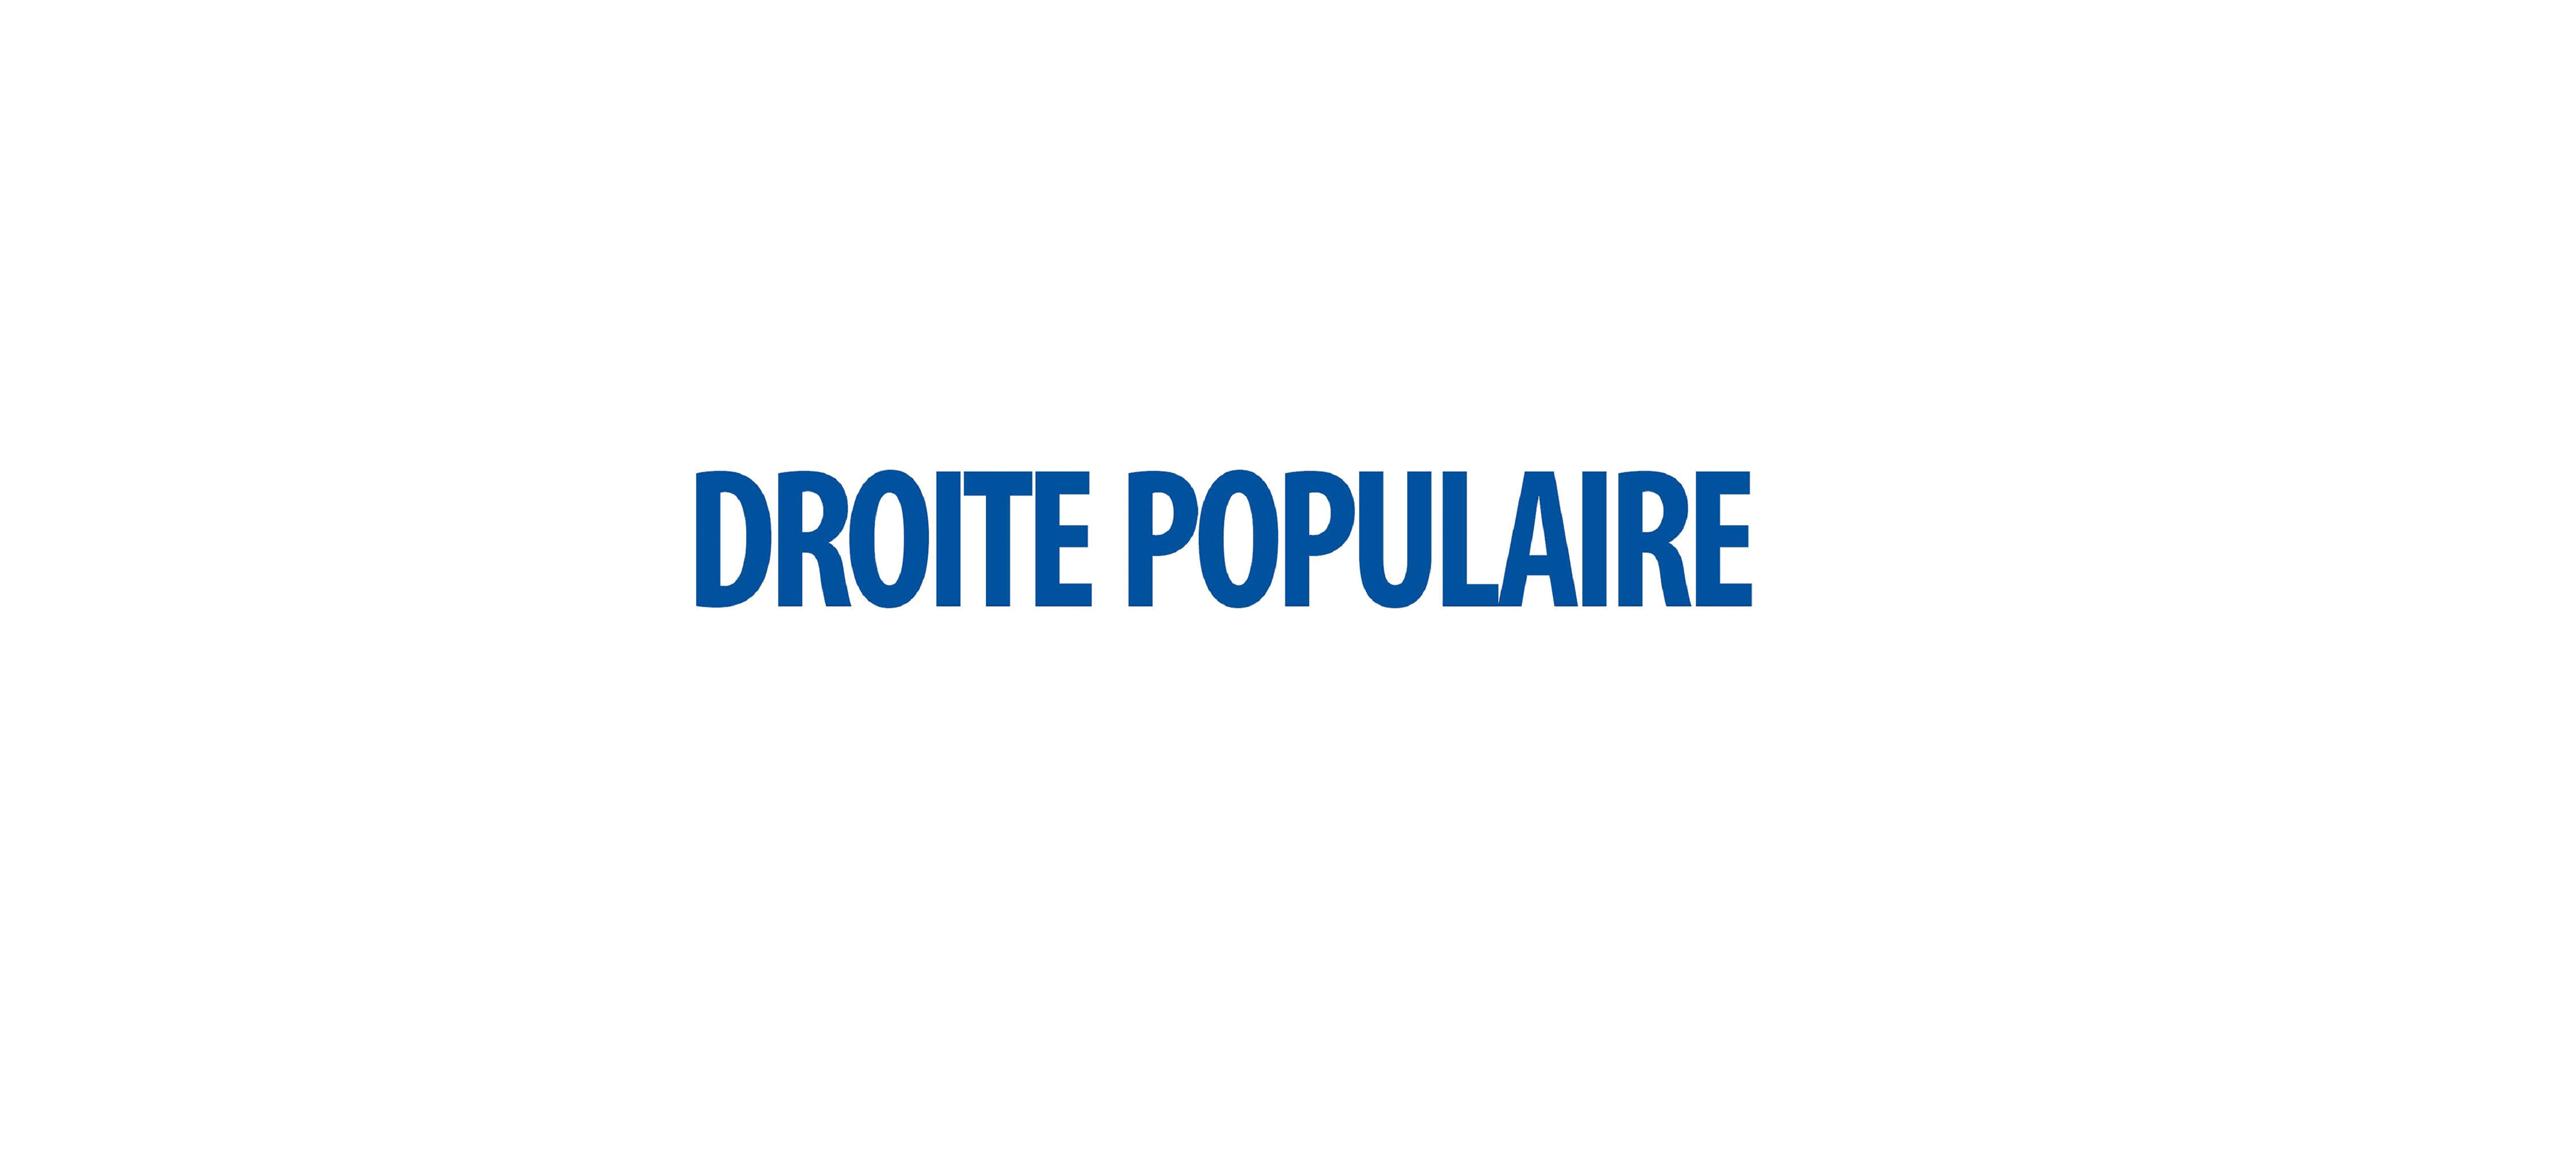 COMMUNIQUE Les conseillers communaux de la DROITE POPULAIRE déposent questions et motions suite à la condamnation de l'Etat belge